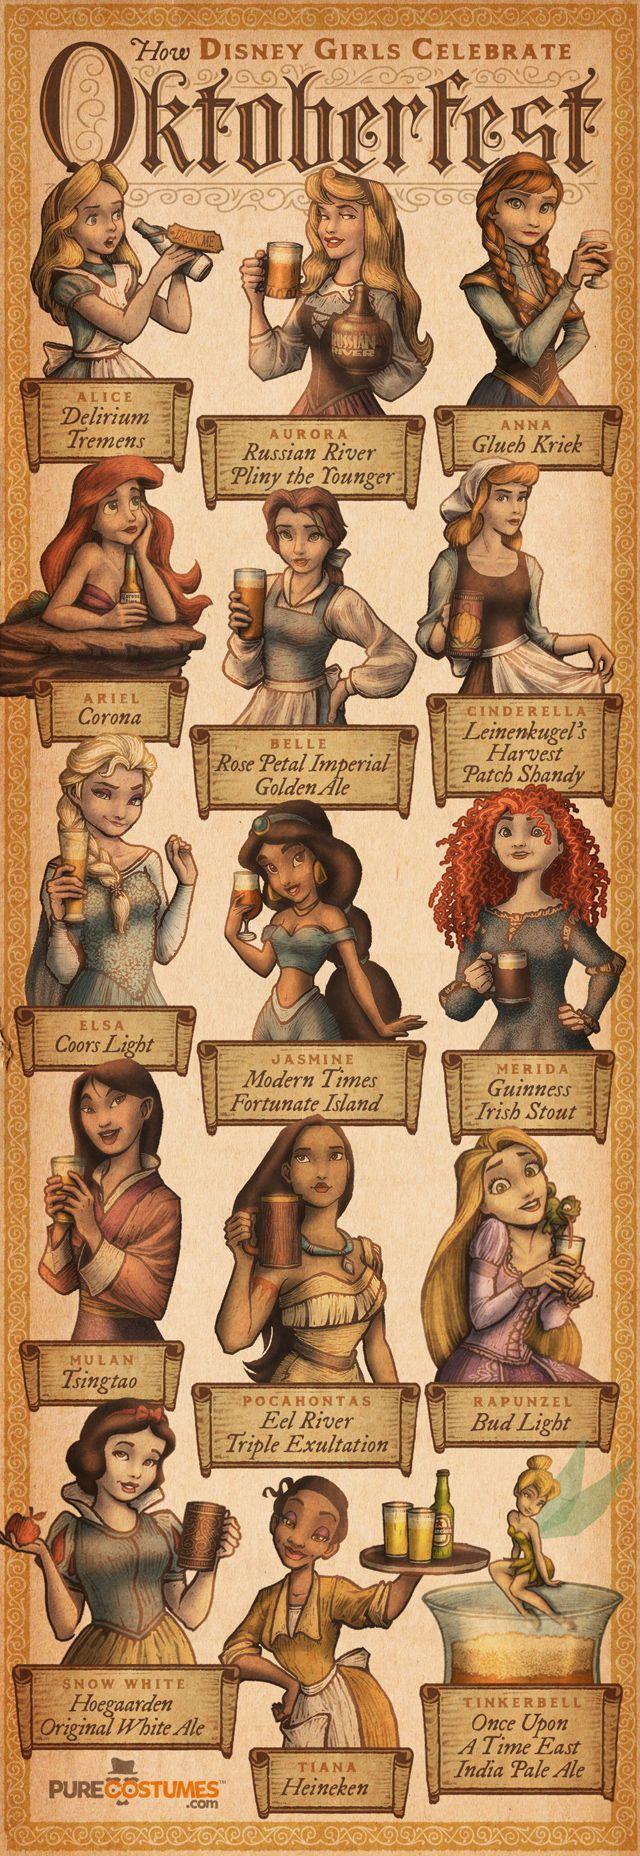 Une Guinness pour Merida, uneTsingtao pour Mulan, une Bud Light pour Raiponce,une Delirium Tremens pour Alice... À l'occasion de la Fête de la bière (Oktoberfest) qui vient de débuter à Munich,le site Pure Costumesimaginequelle bière commanderaientles héroïnes Disney. Hips.